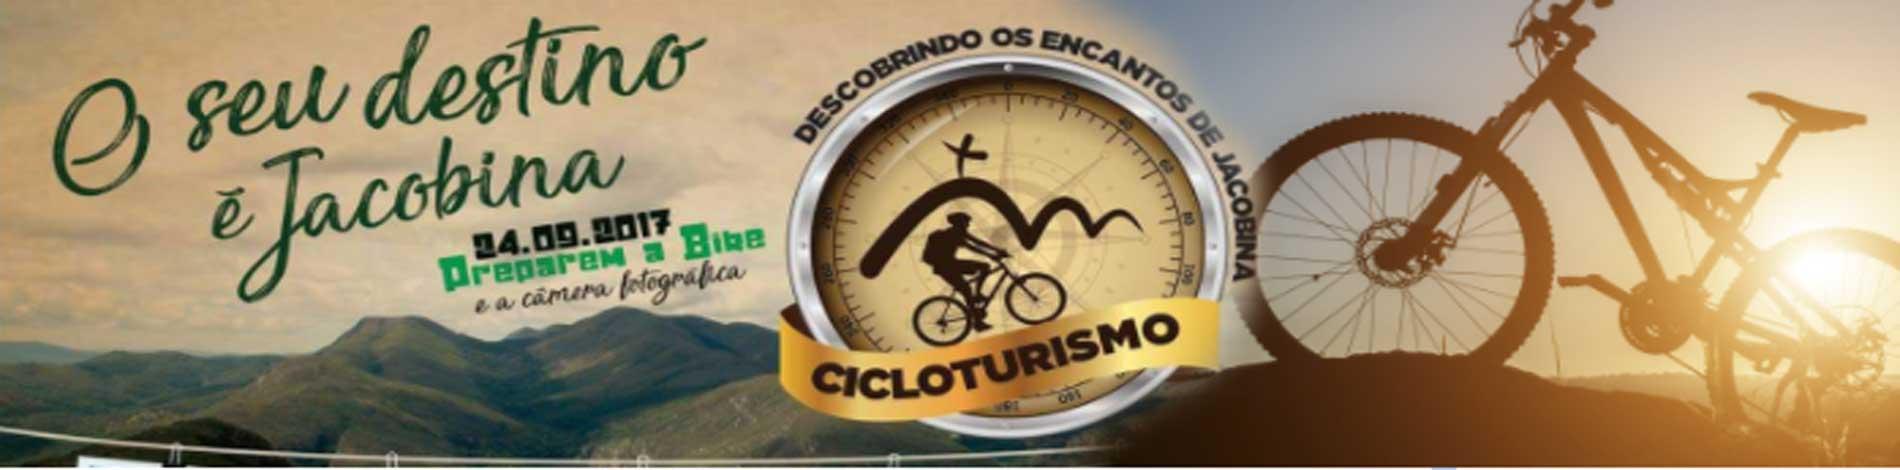 CICLOTURISMO JACOBINA - Imagem de topo